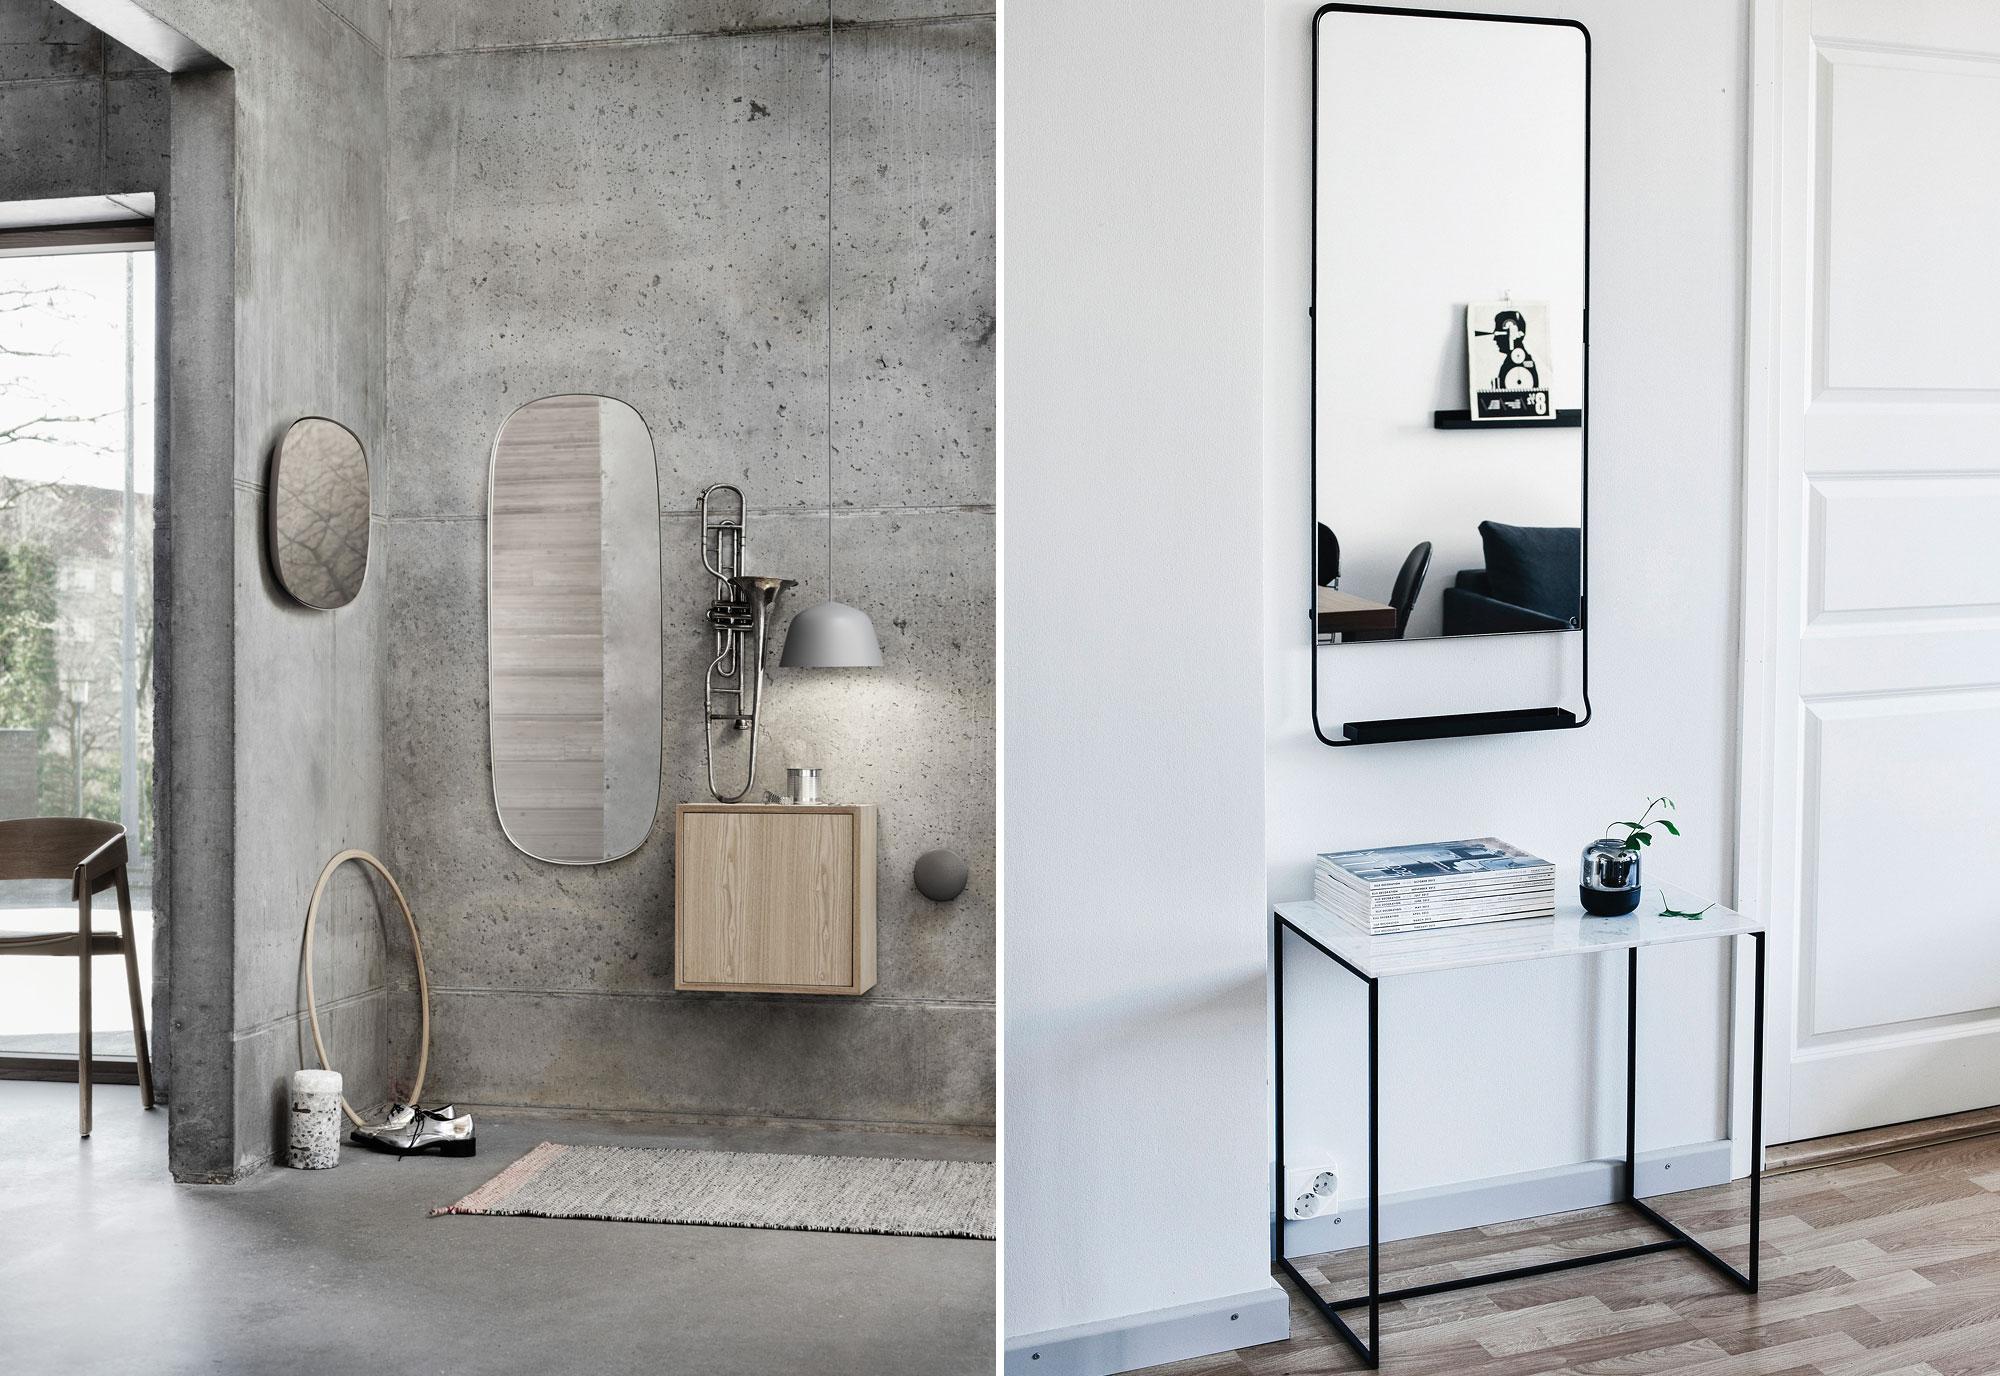 Spiegel aan de muur - Betonmuur - Hal